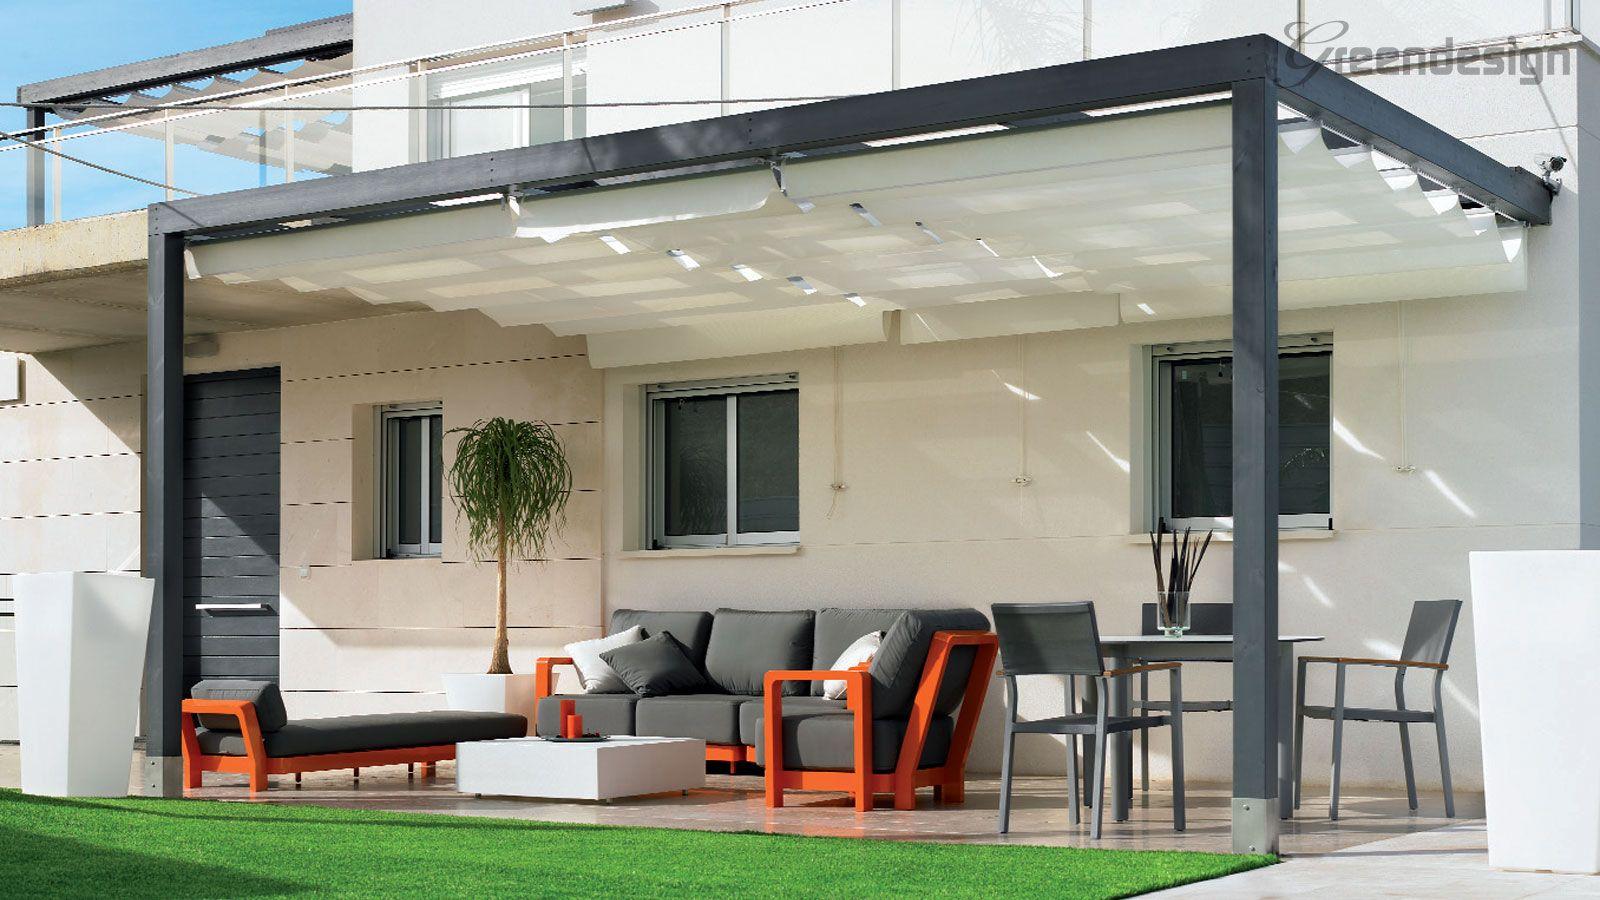 Pergola aluminio buscar con google terraza pinterest - Pergolas de aluminio para terrazas ...